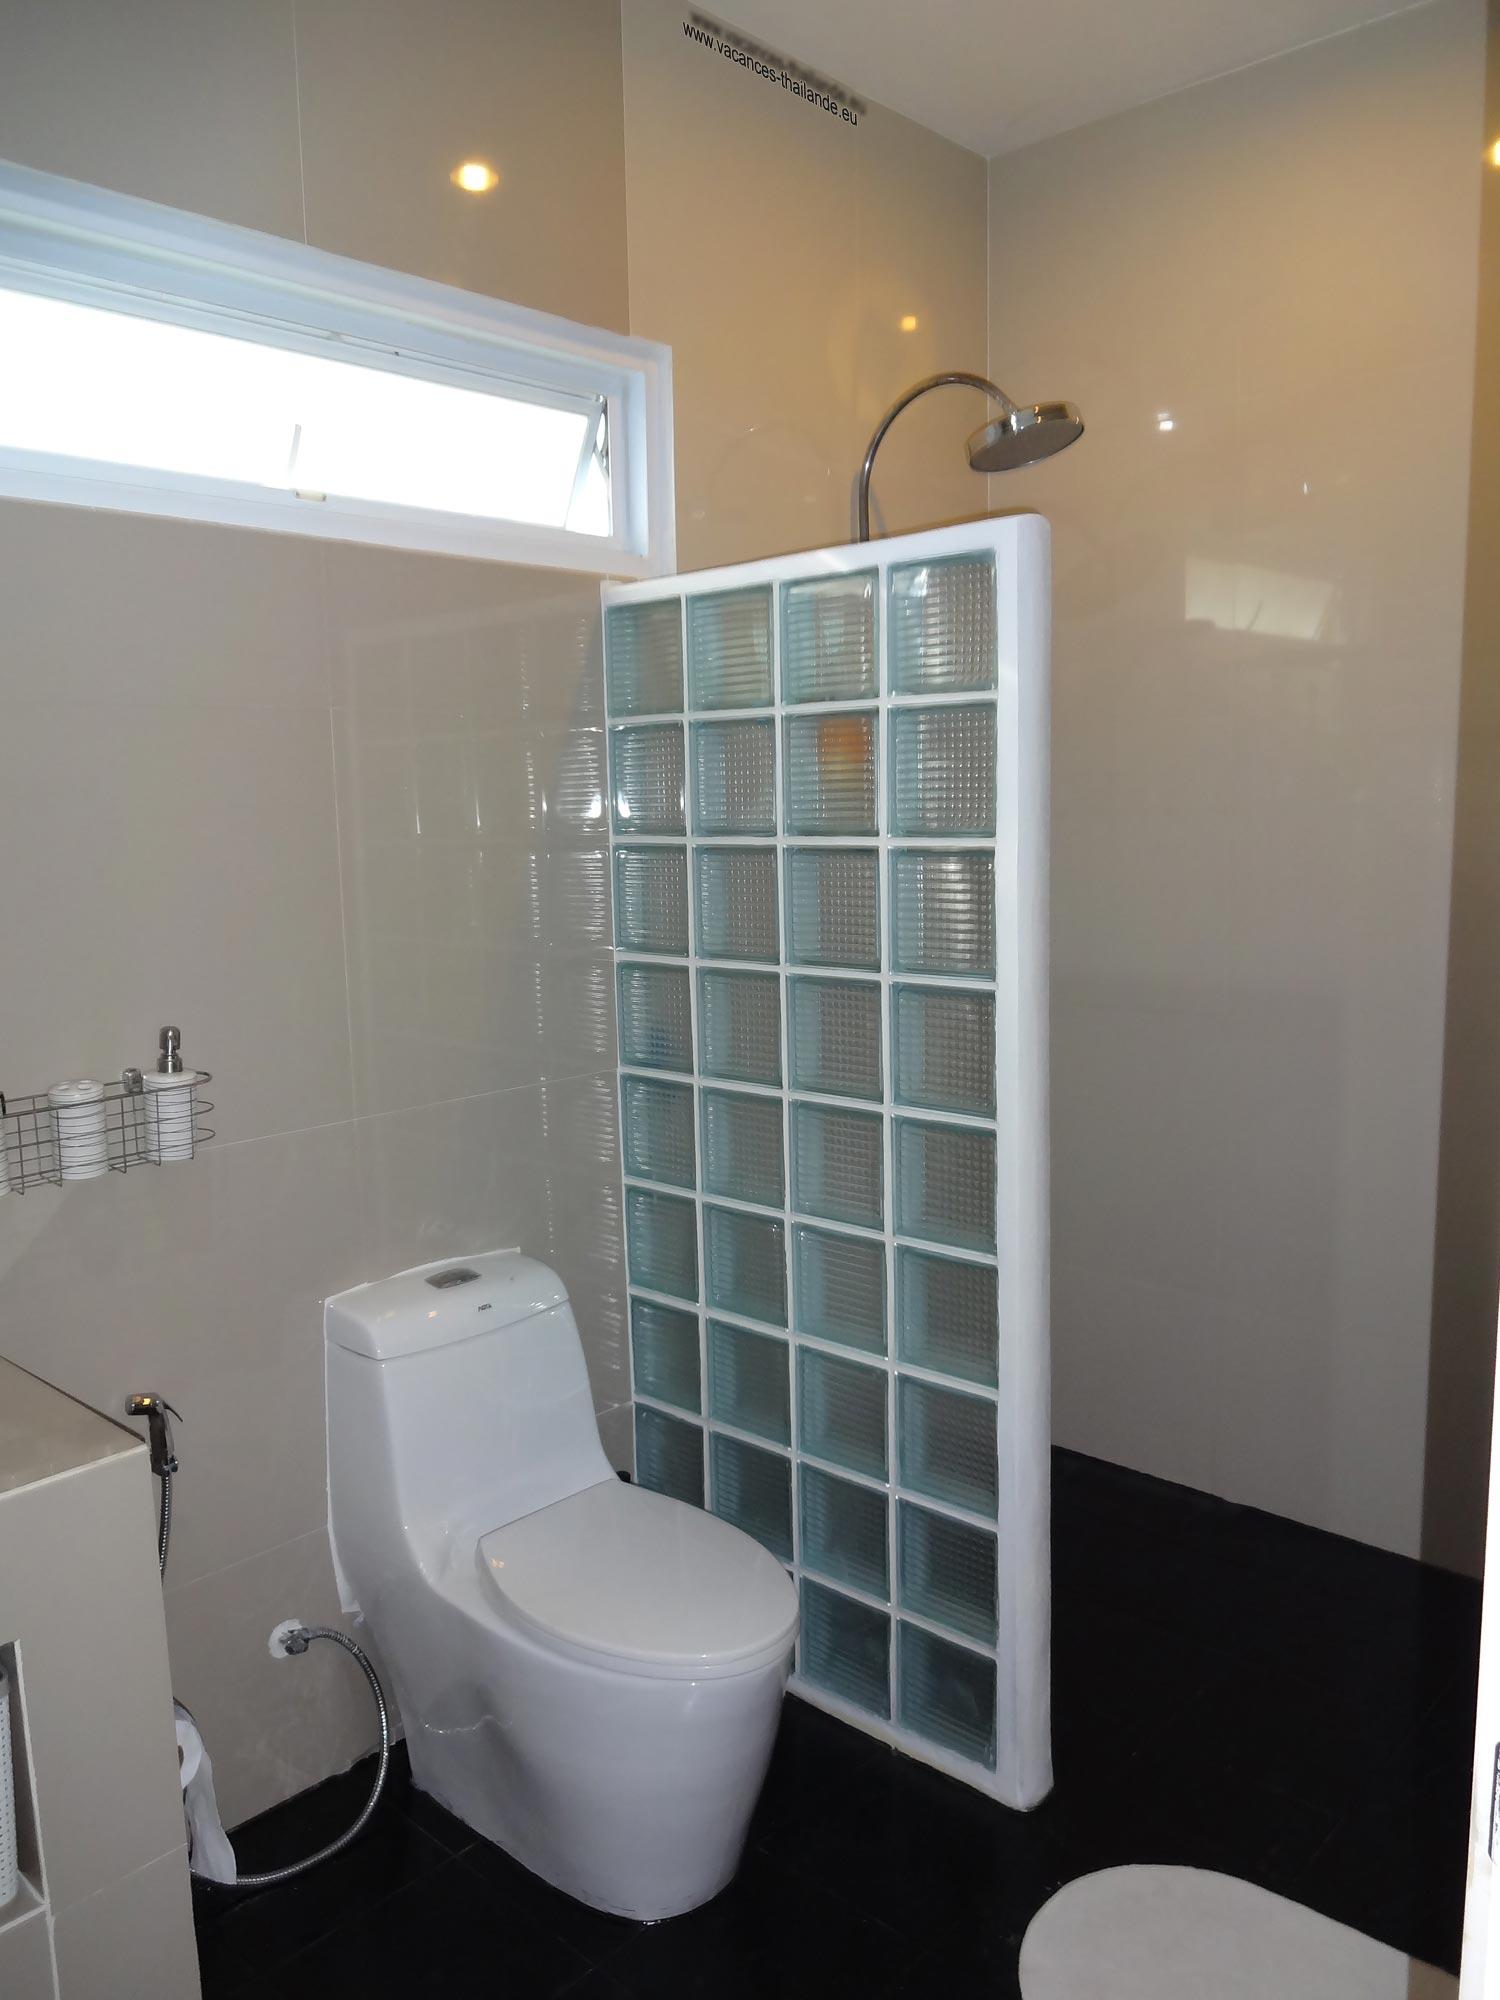 villa vacances thailande page de la photo 37 salle de bain noire de la chambre queen size mauve. Black Bedroom Furniture Sets. Home Design Ideas